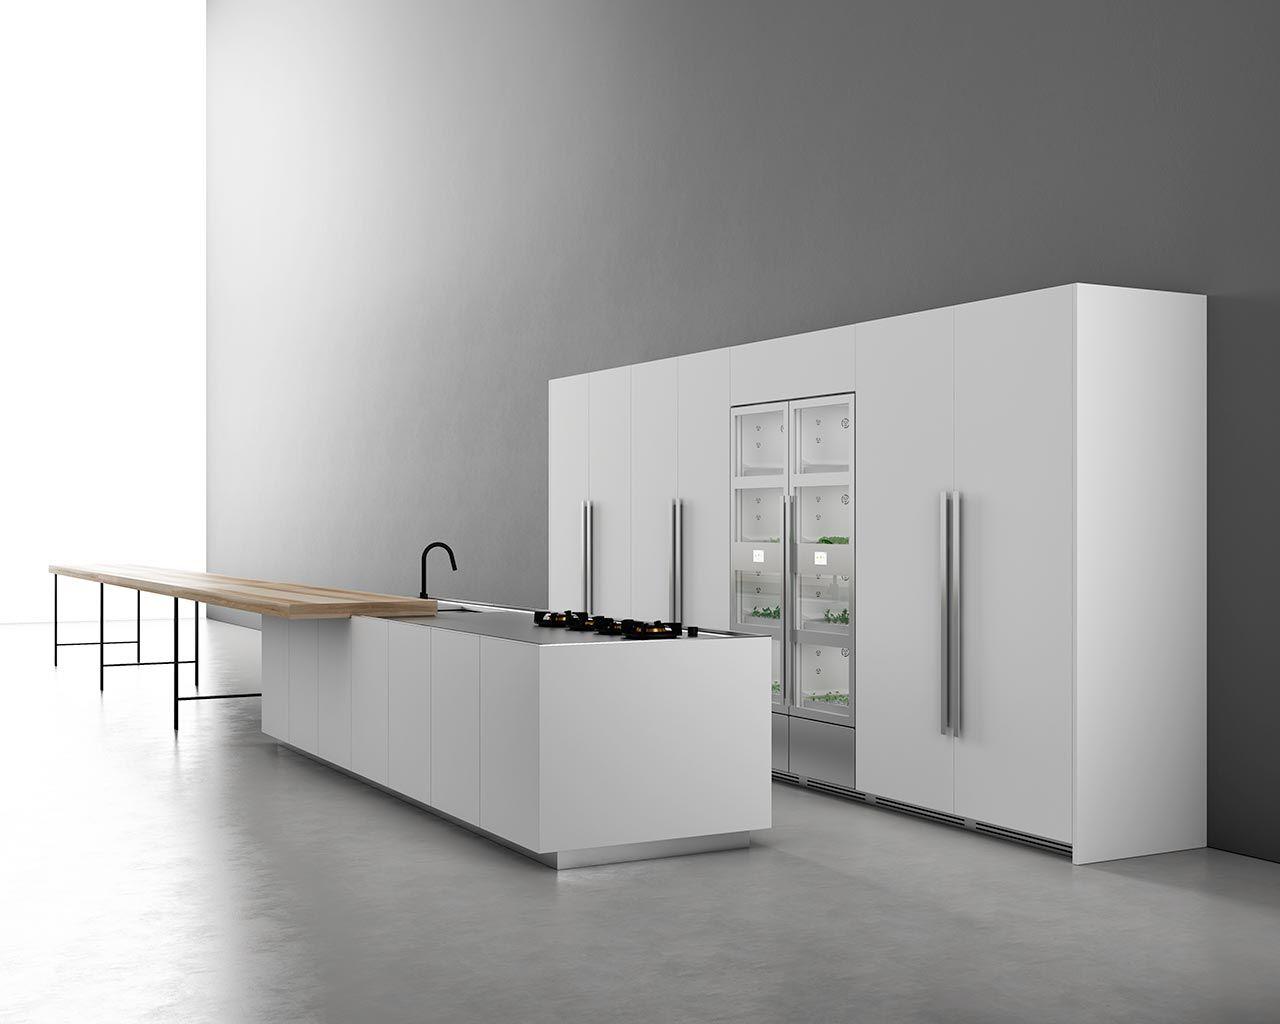 Ungewöhnlich Benutzerdefinierte Küchentüren Uk Gemacht Bilder ...